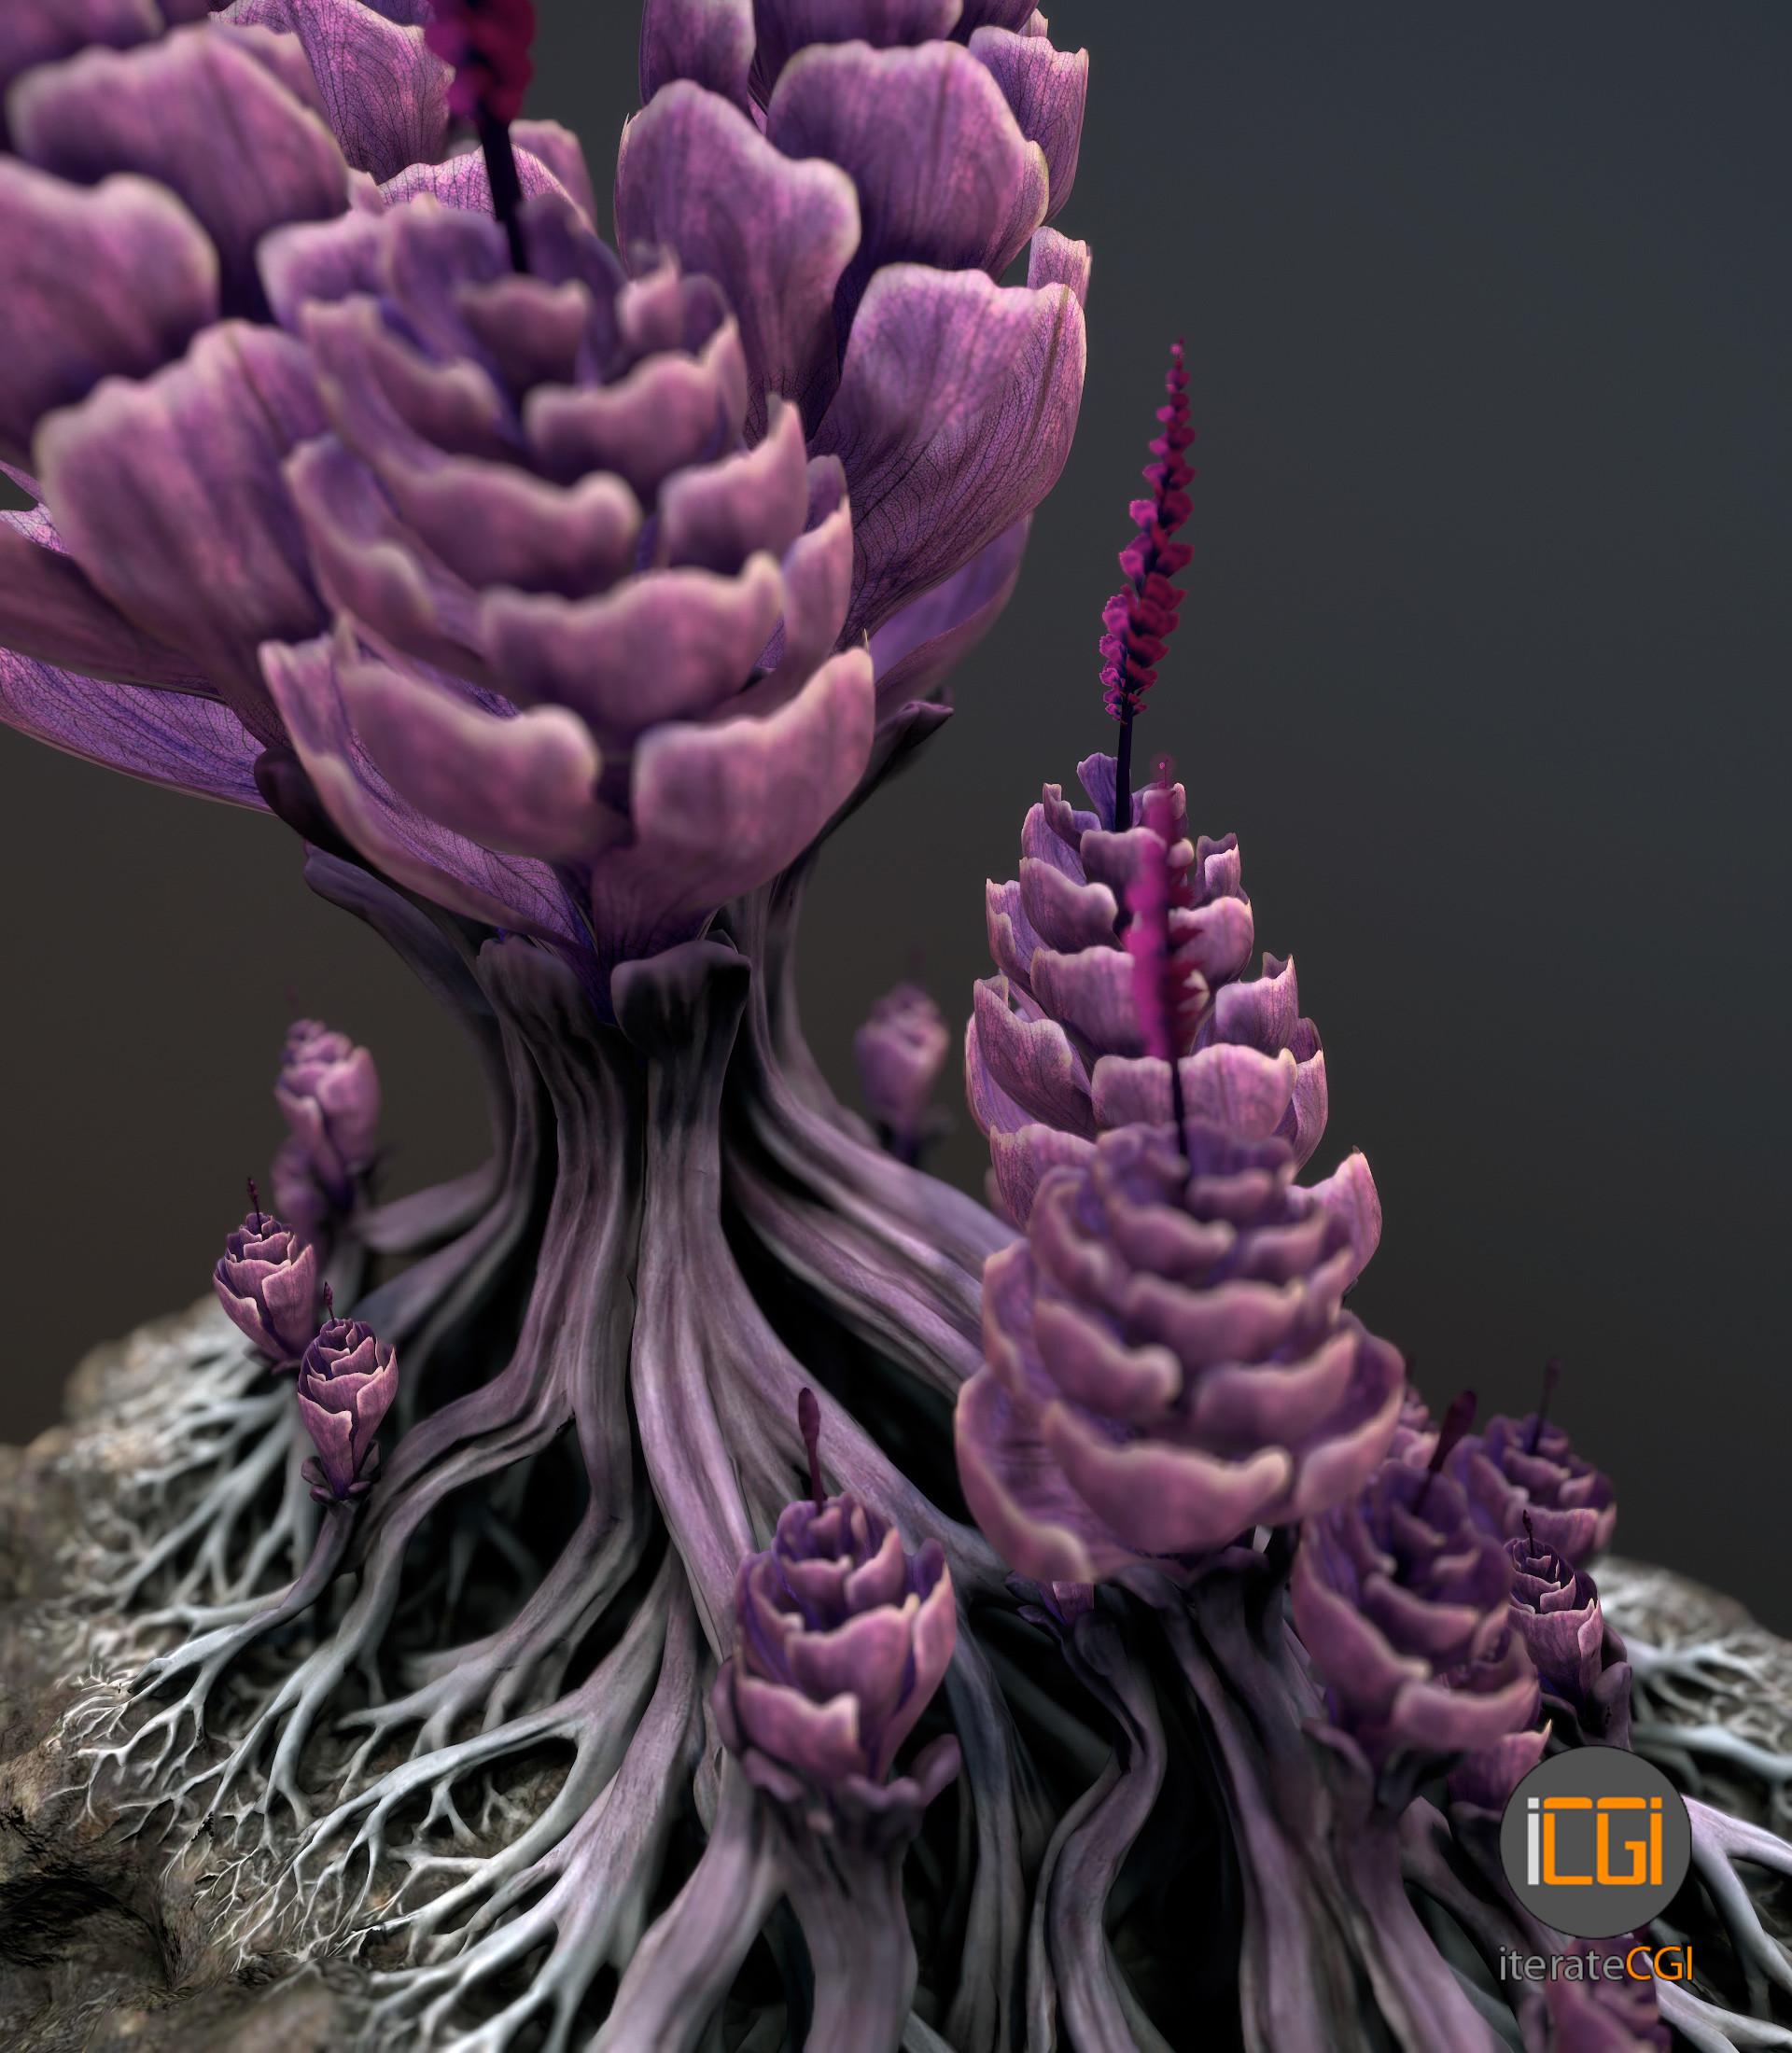 Johan de leenheer alien plantch11